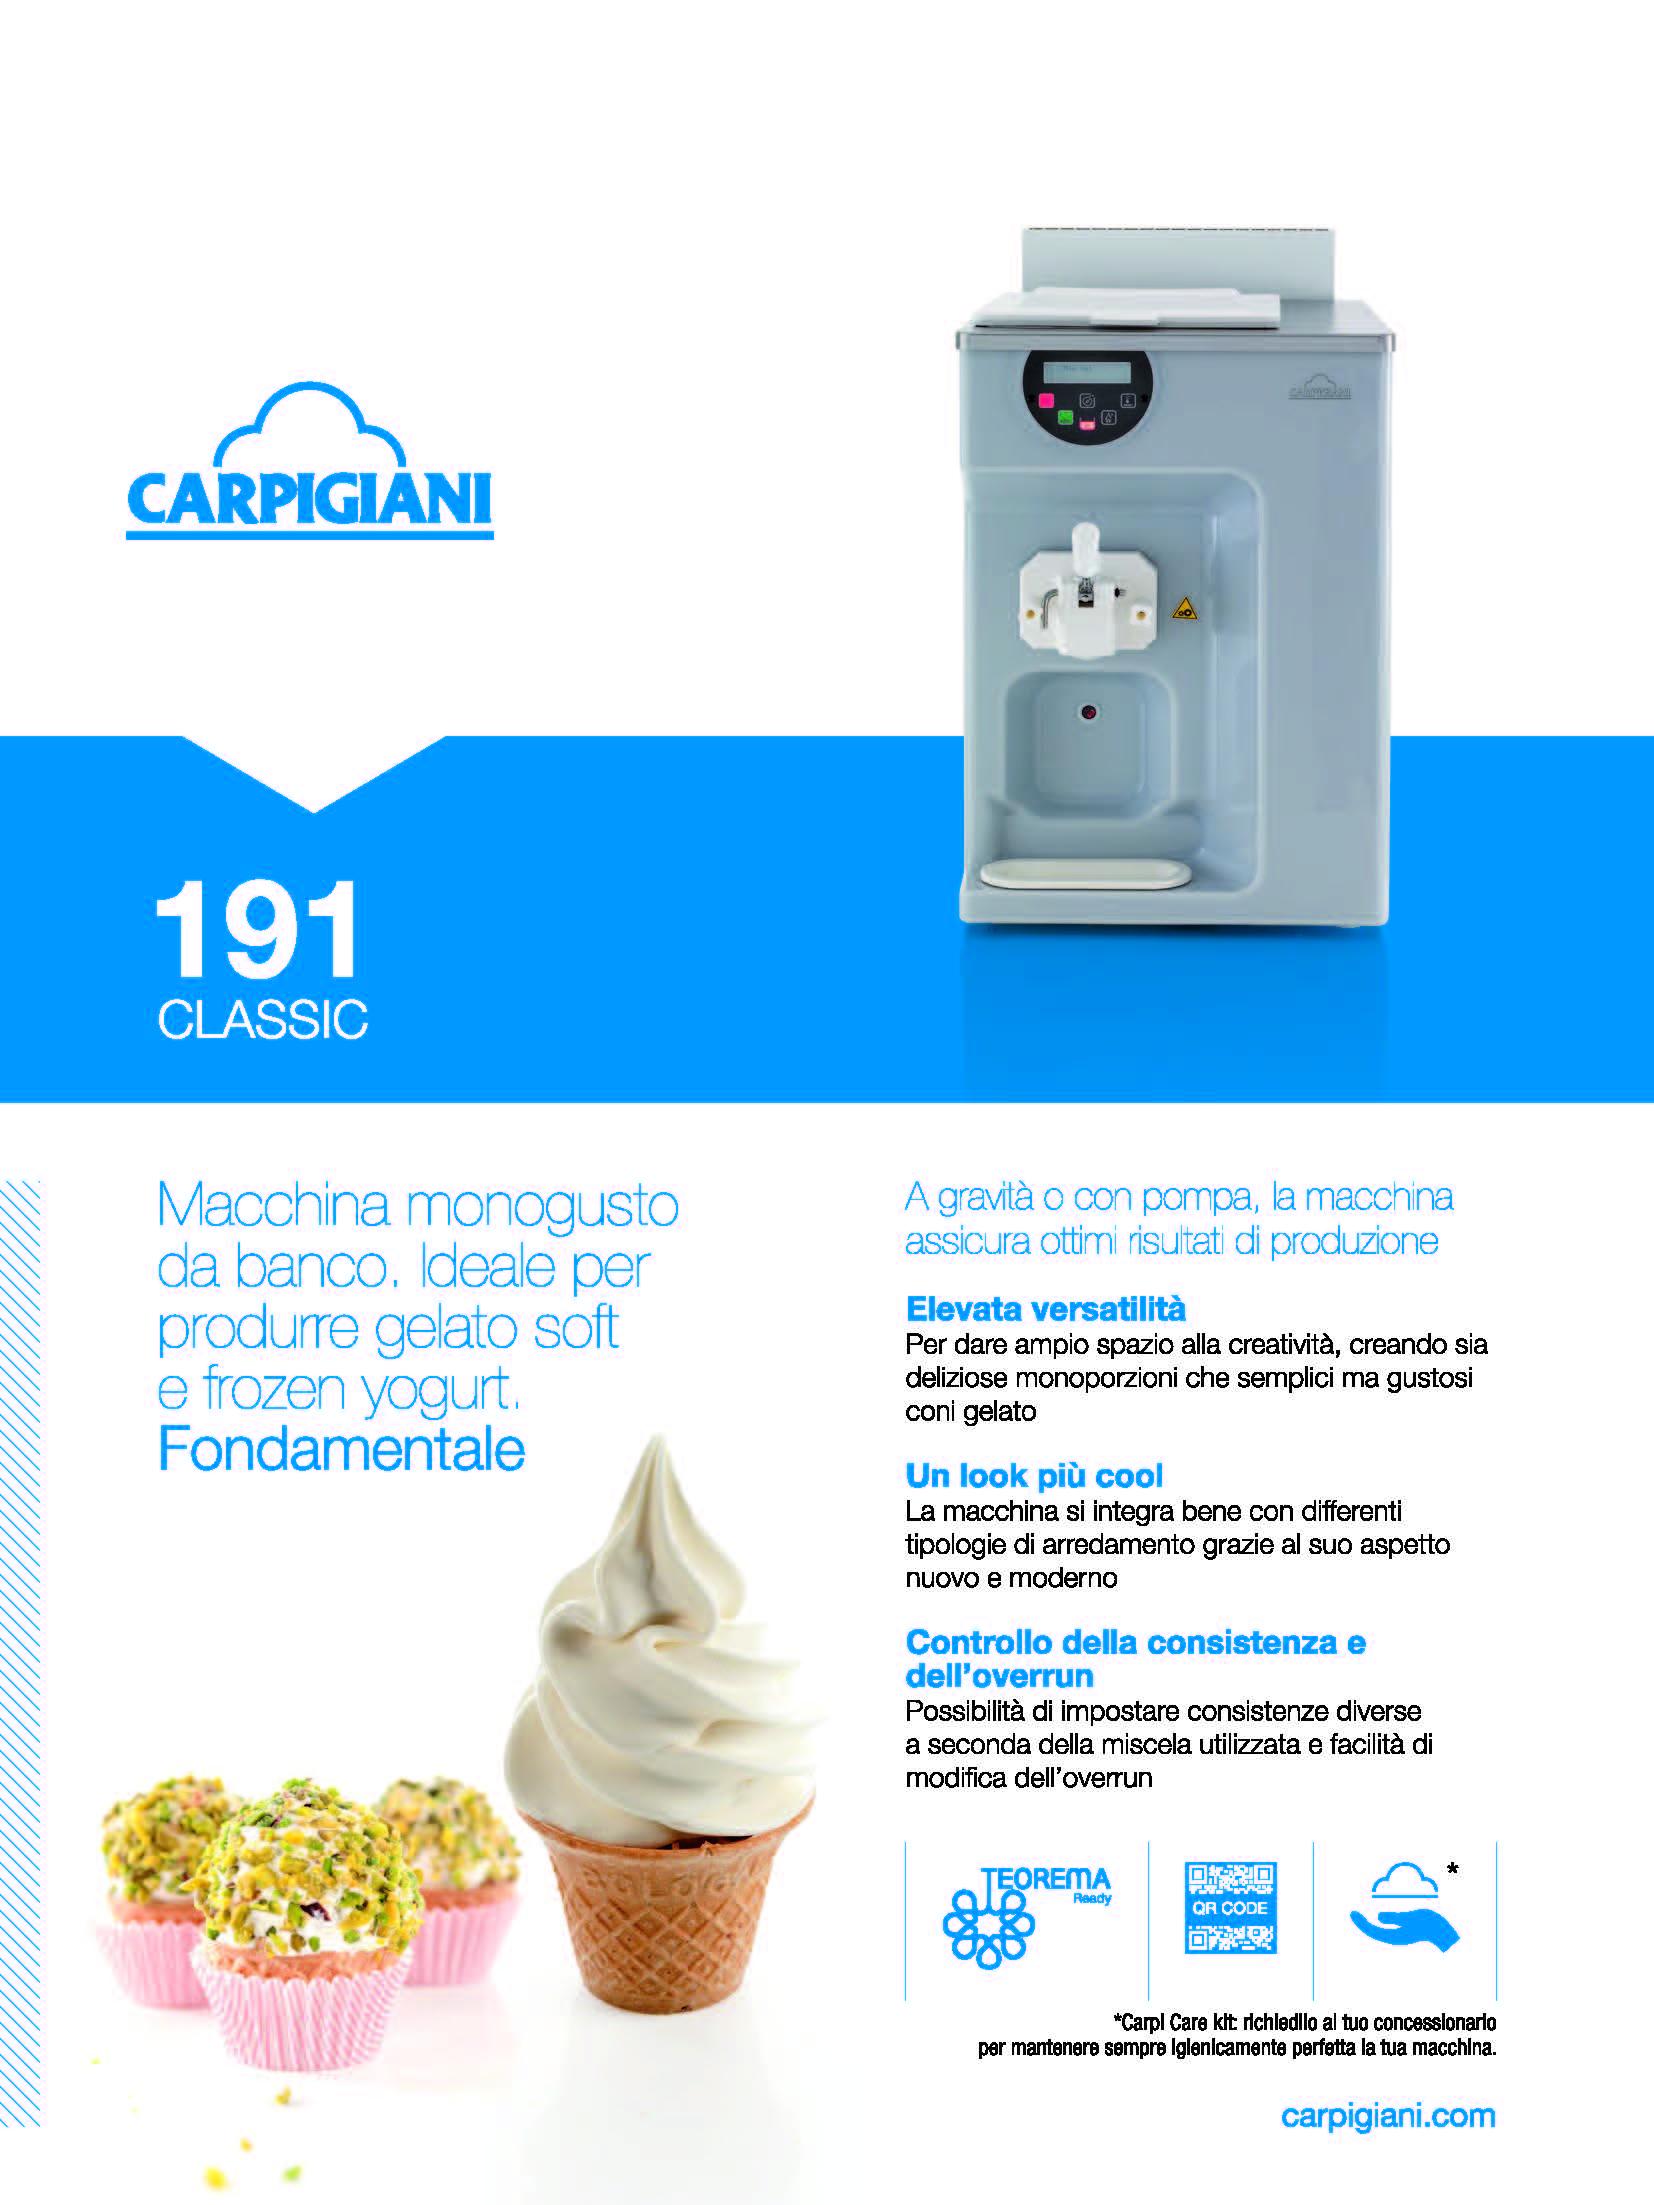 Carpigiani – 191 Classic